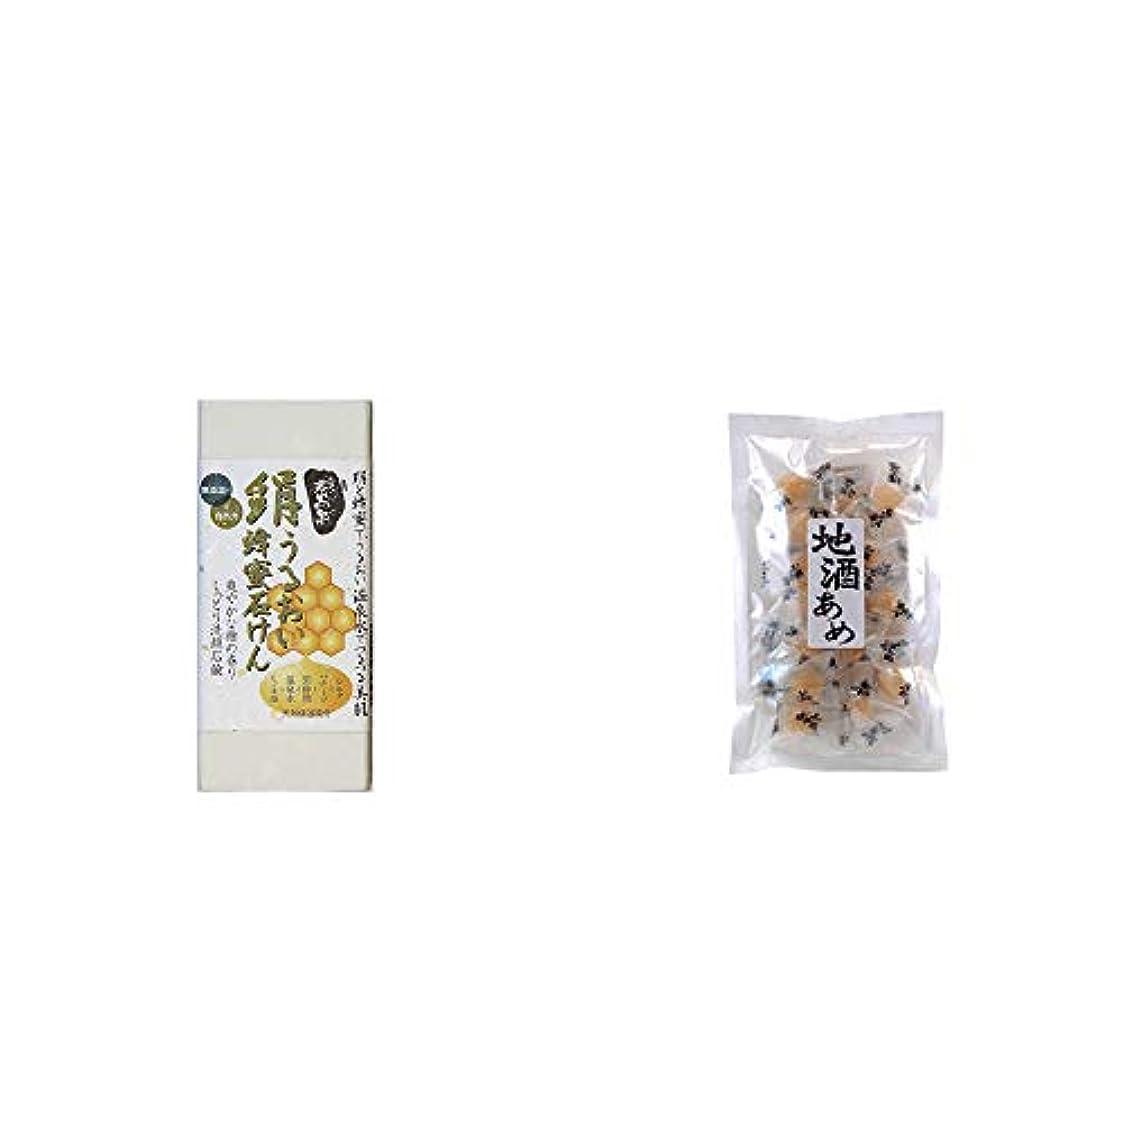 加害者野菜コレクション[2点セット] ひのき炭黒泉 絹うるおい蜂蜜石けん(75g×2)?地酒あめ(15粒)